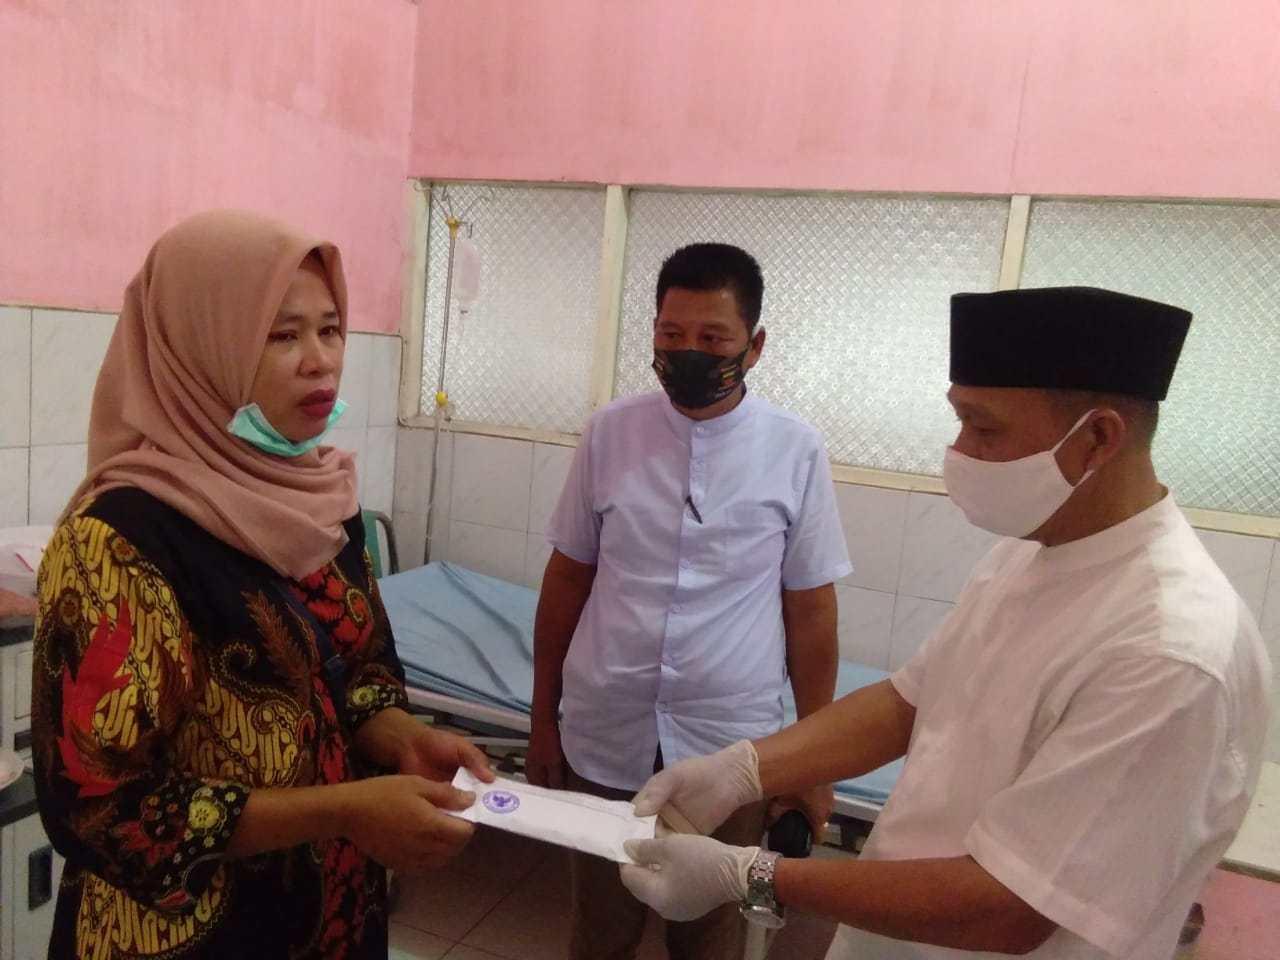 Baznas dan Camat Rantau Utara, Gandeng JPKP Bantu Warga Penderita Kanker Tenggorokan